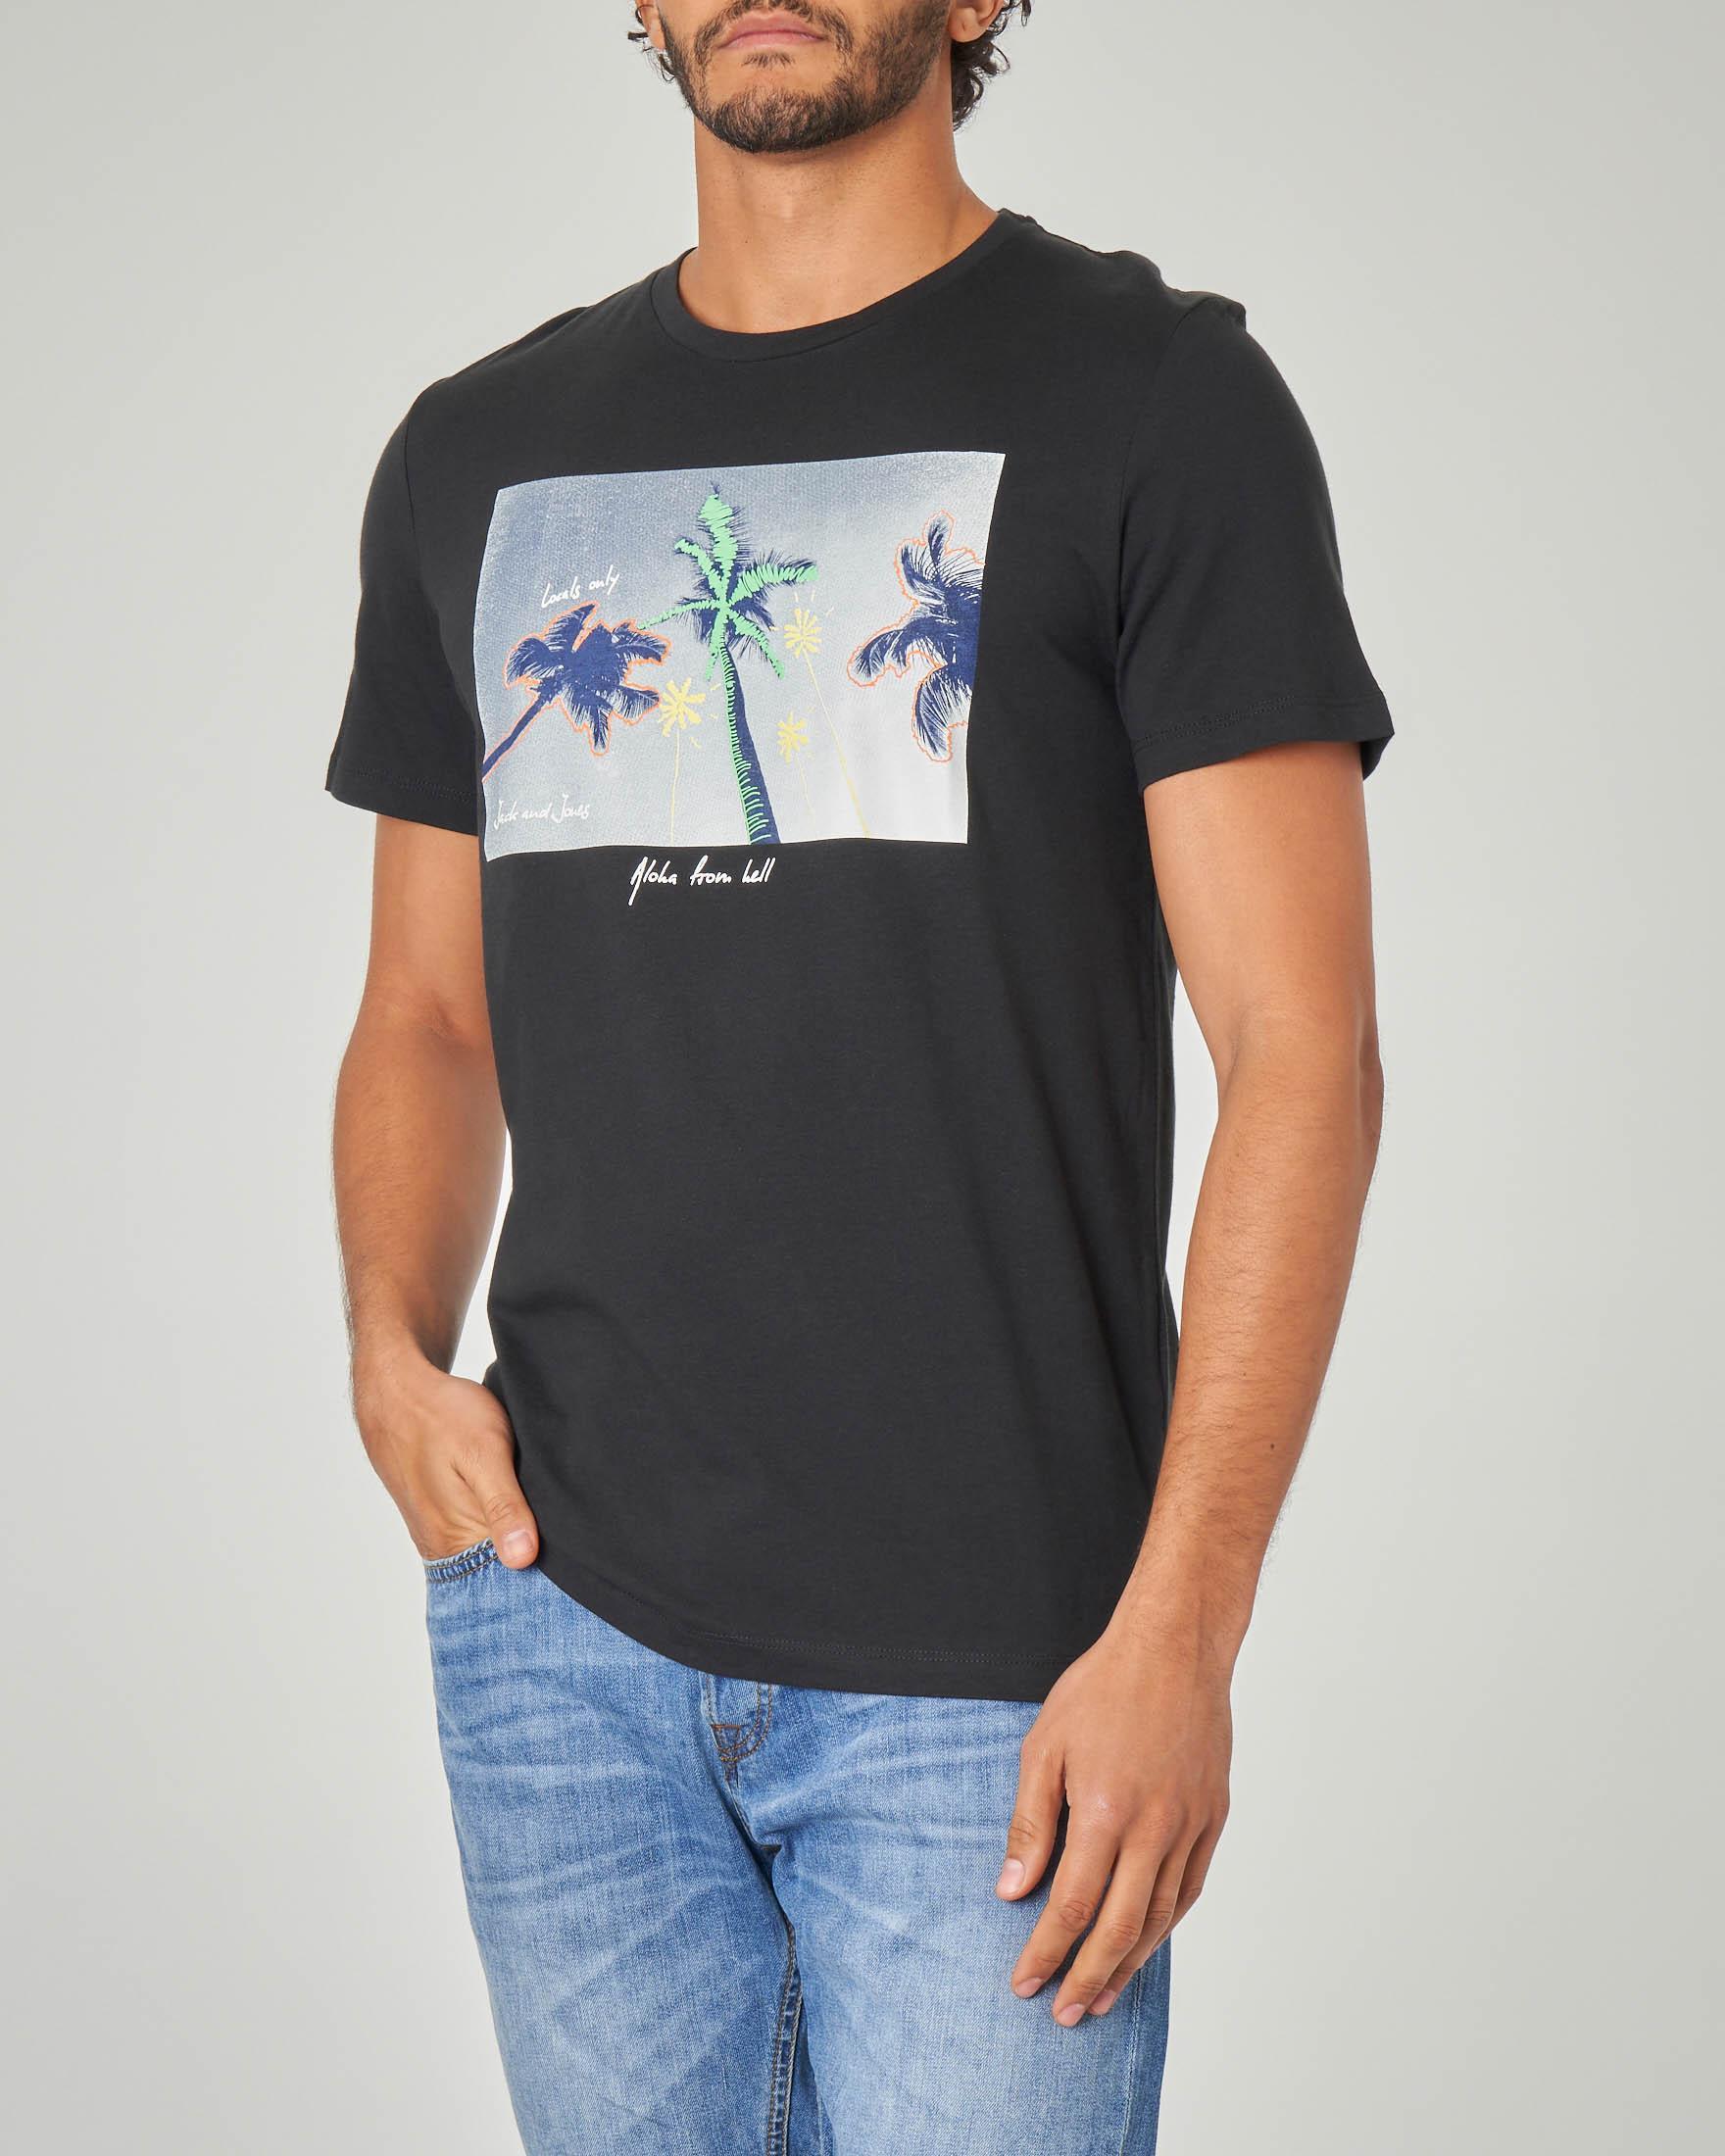 T-shirt nera con stampa grafica